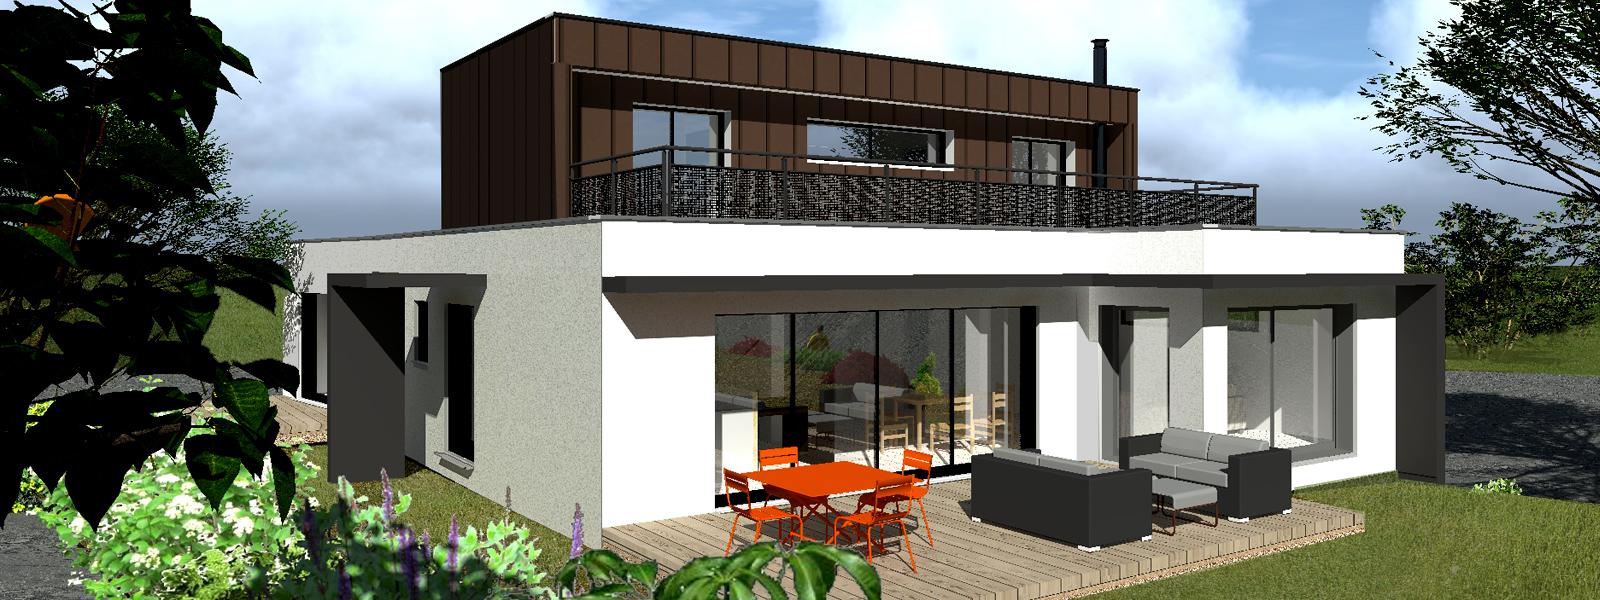 Idéal habitat Rennes projet de constrcution maison